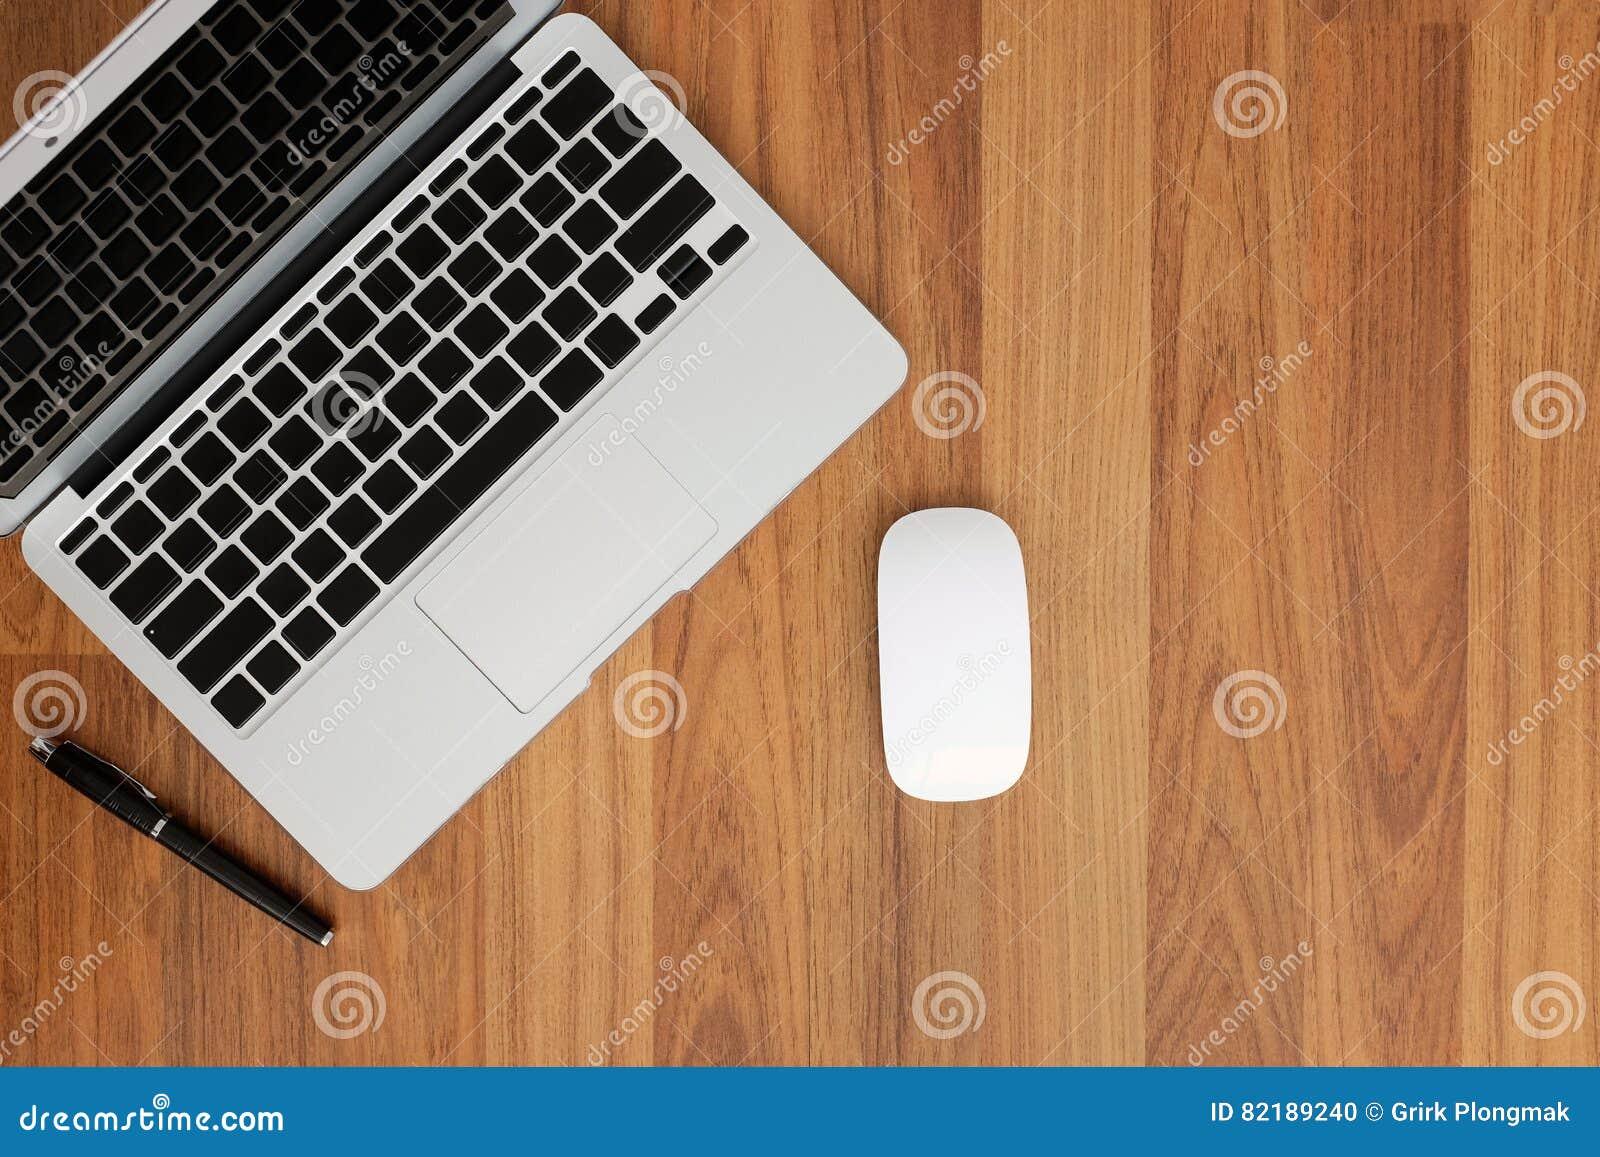 Vista superior do portátil sem caráteres no teclado, no rato e em uma pena no canto esquerdo superior Tenha o espaço no s direito